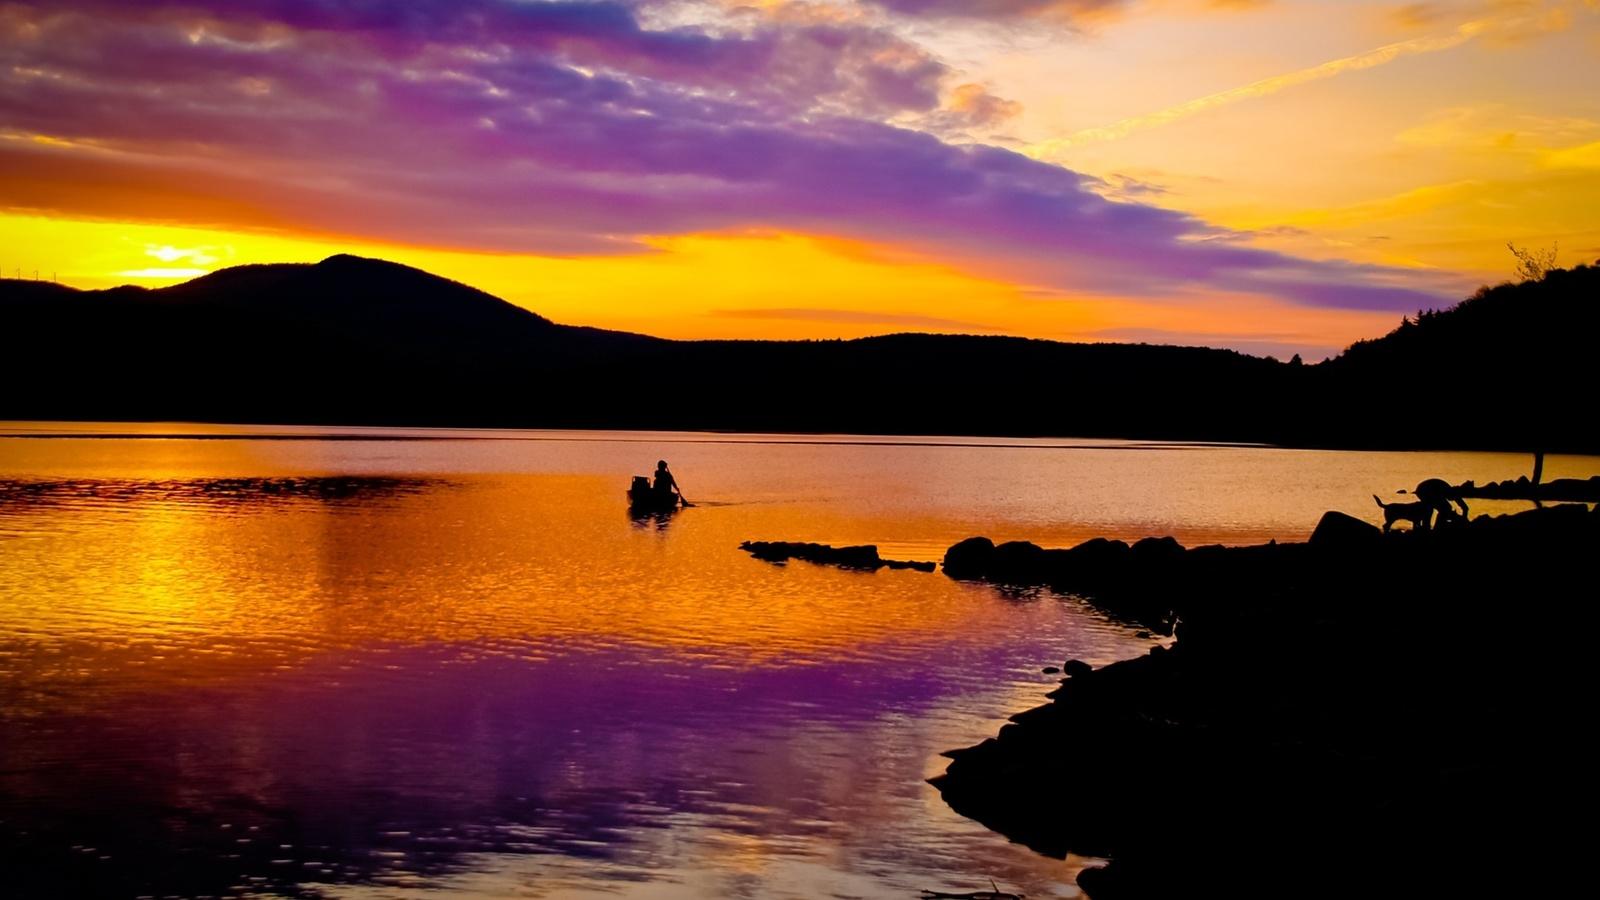 закатное небо, берега, река, лодка, отражение, небо,облака, природа